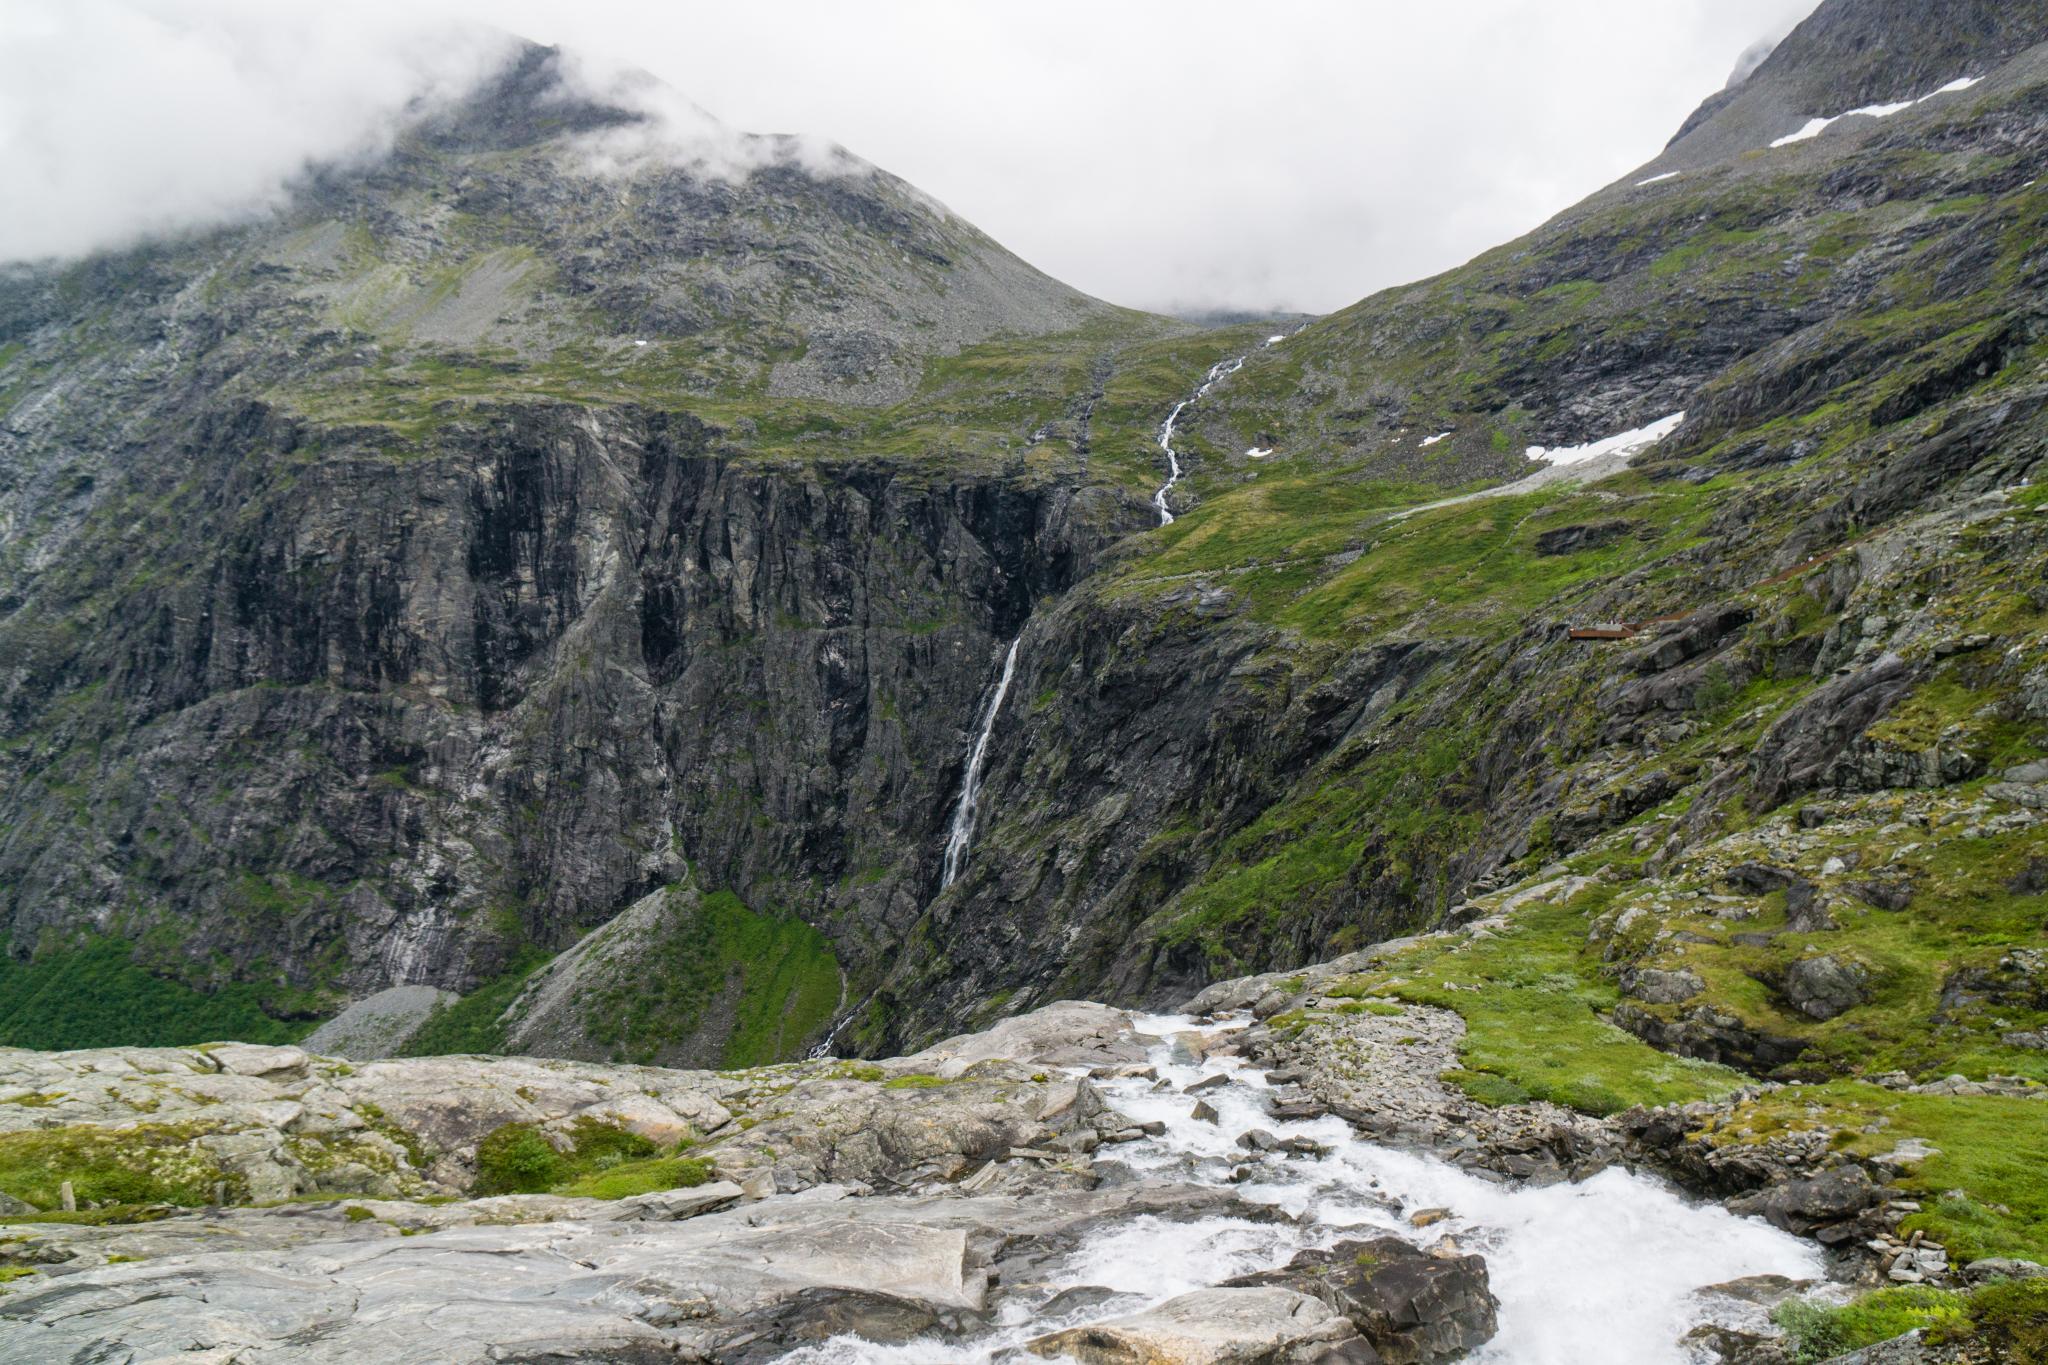 【北歐景點】Trollstigen 精靈之路 ∣ 挪威最驚險的世界級景觀公路 13